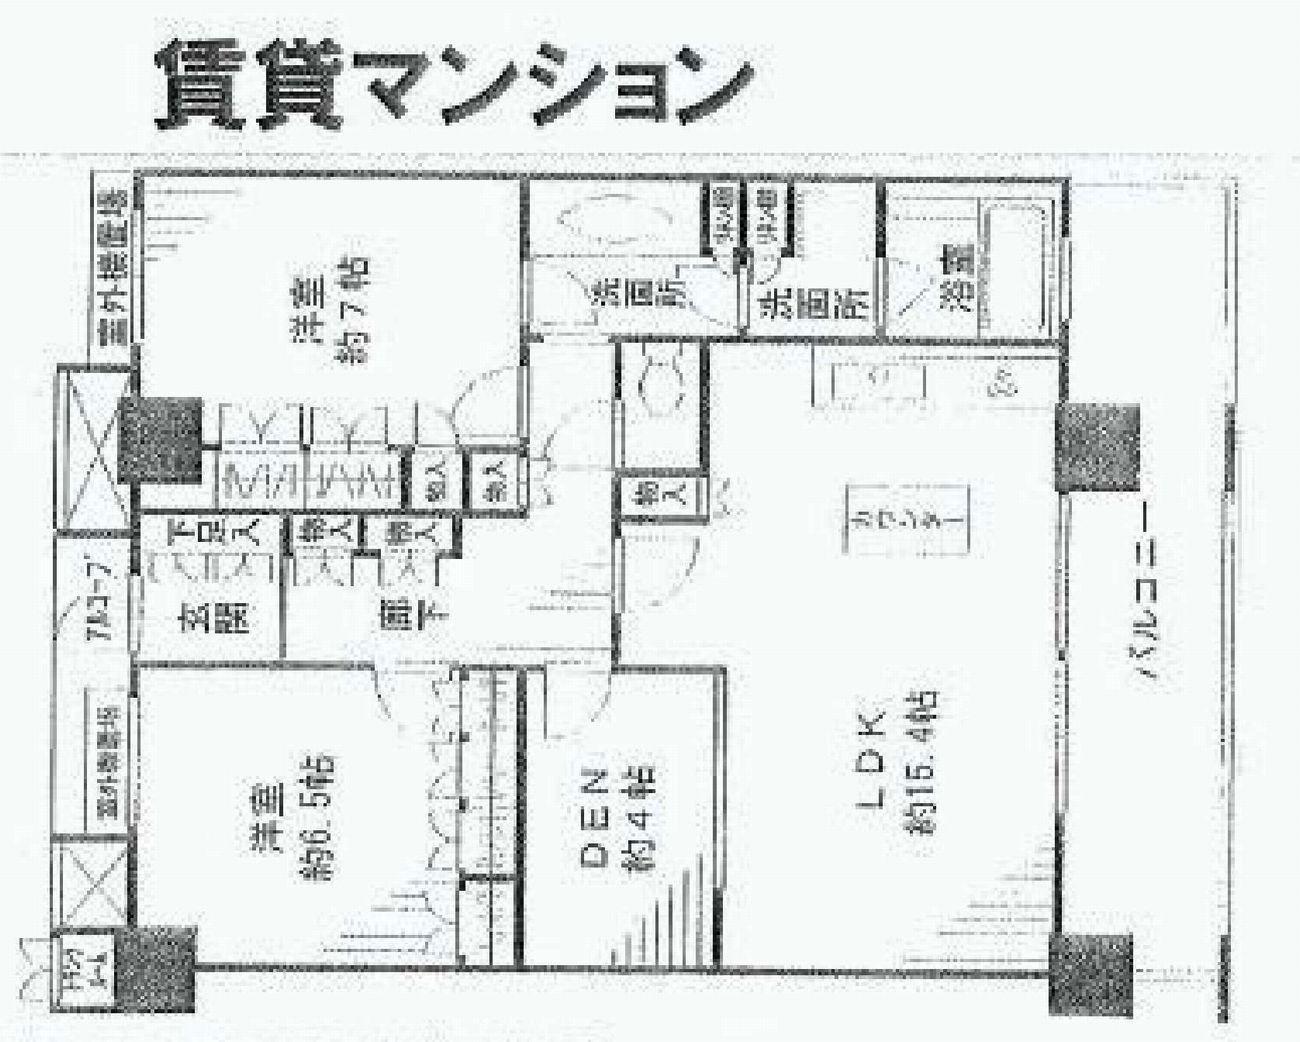 埼玉県のペット相談可 の賃貸 ... - apamanshop.com